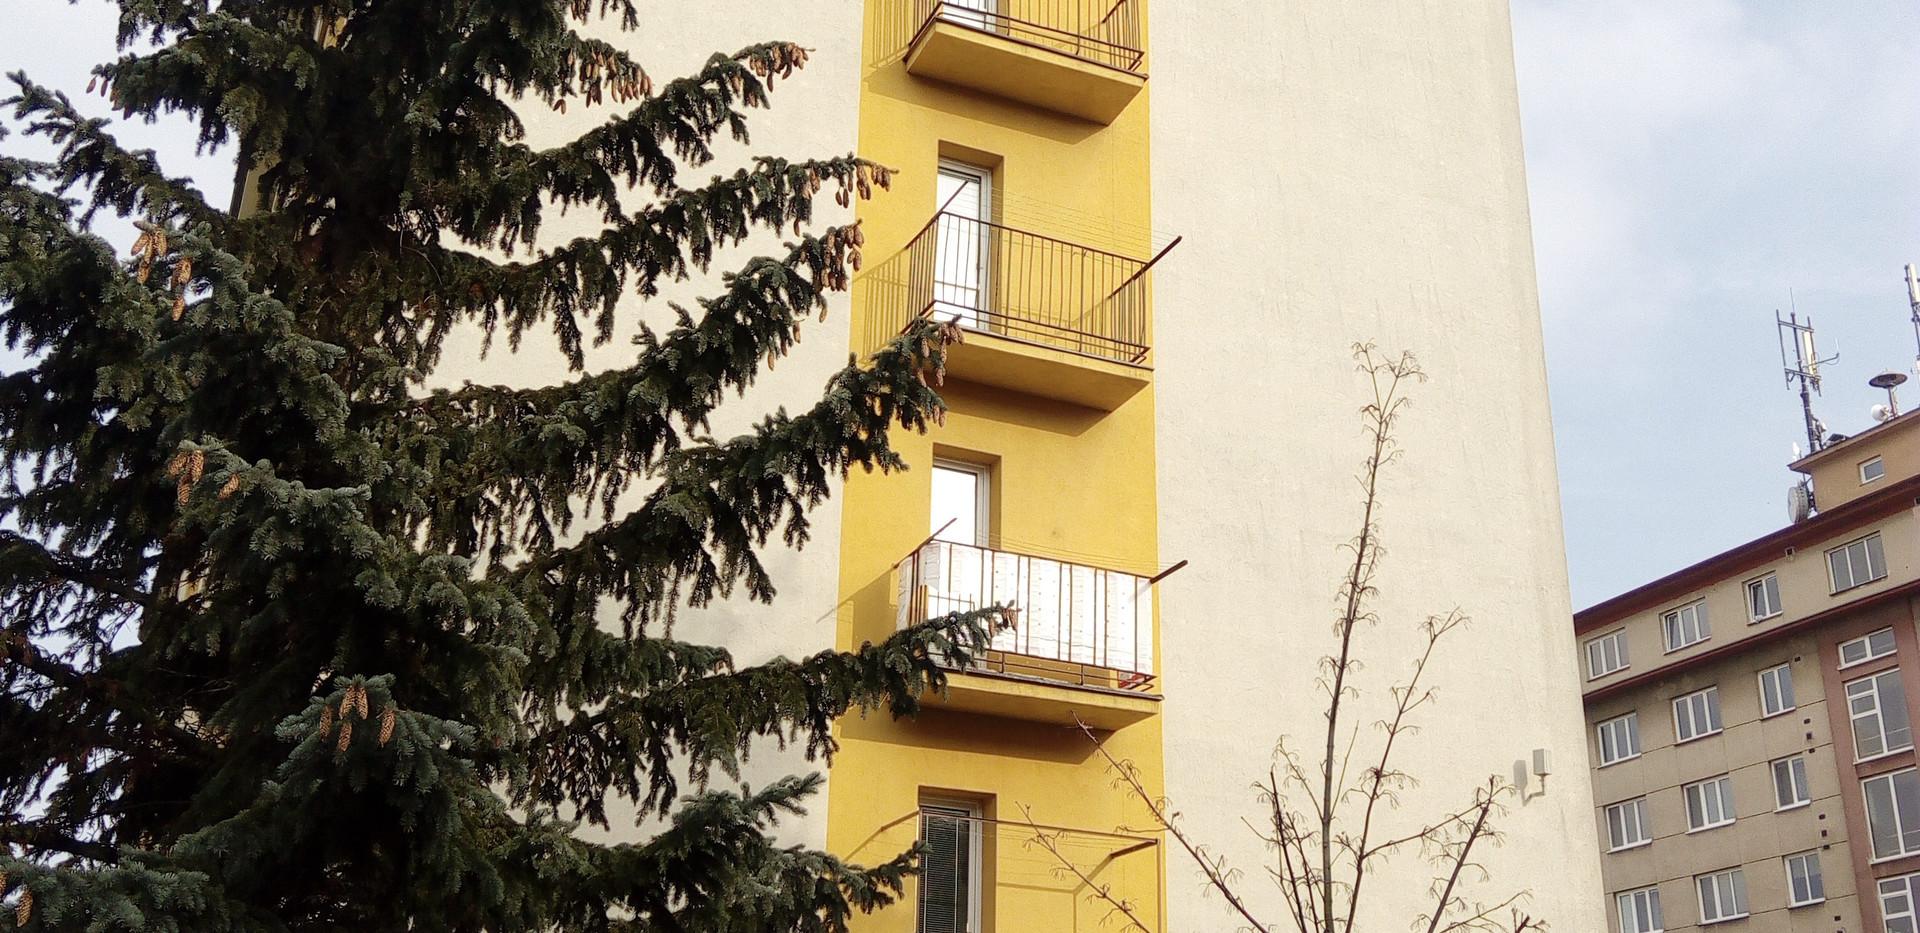 Nahrazení stávajících balkónů novými moderními zavěšenými balkóny od firmy Ocelové konstrukce s. r. o.